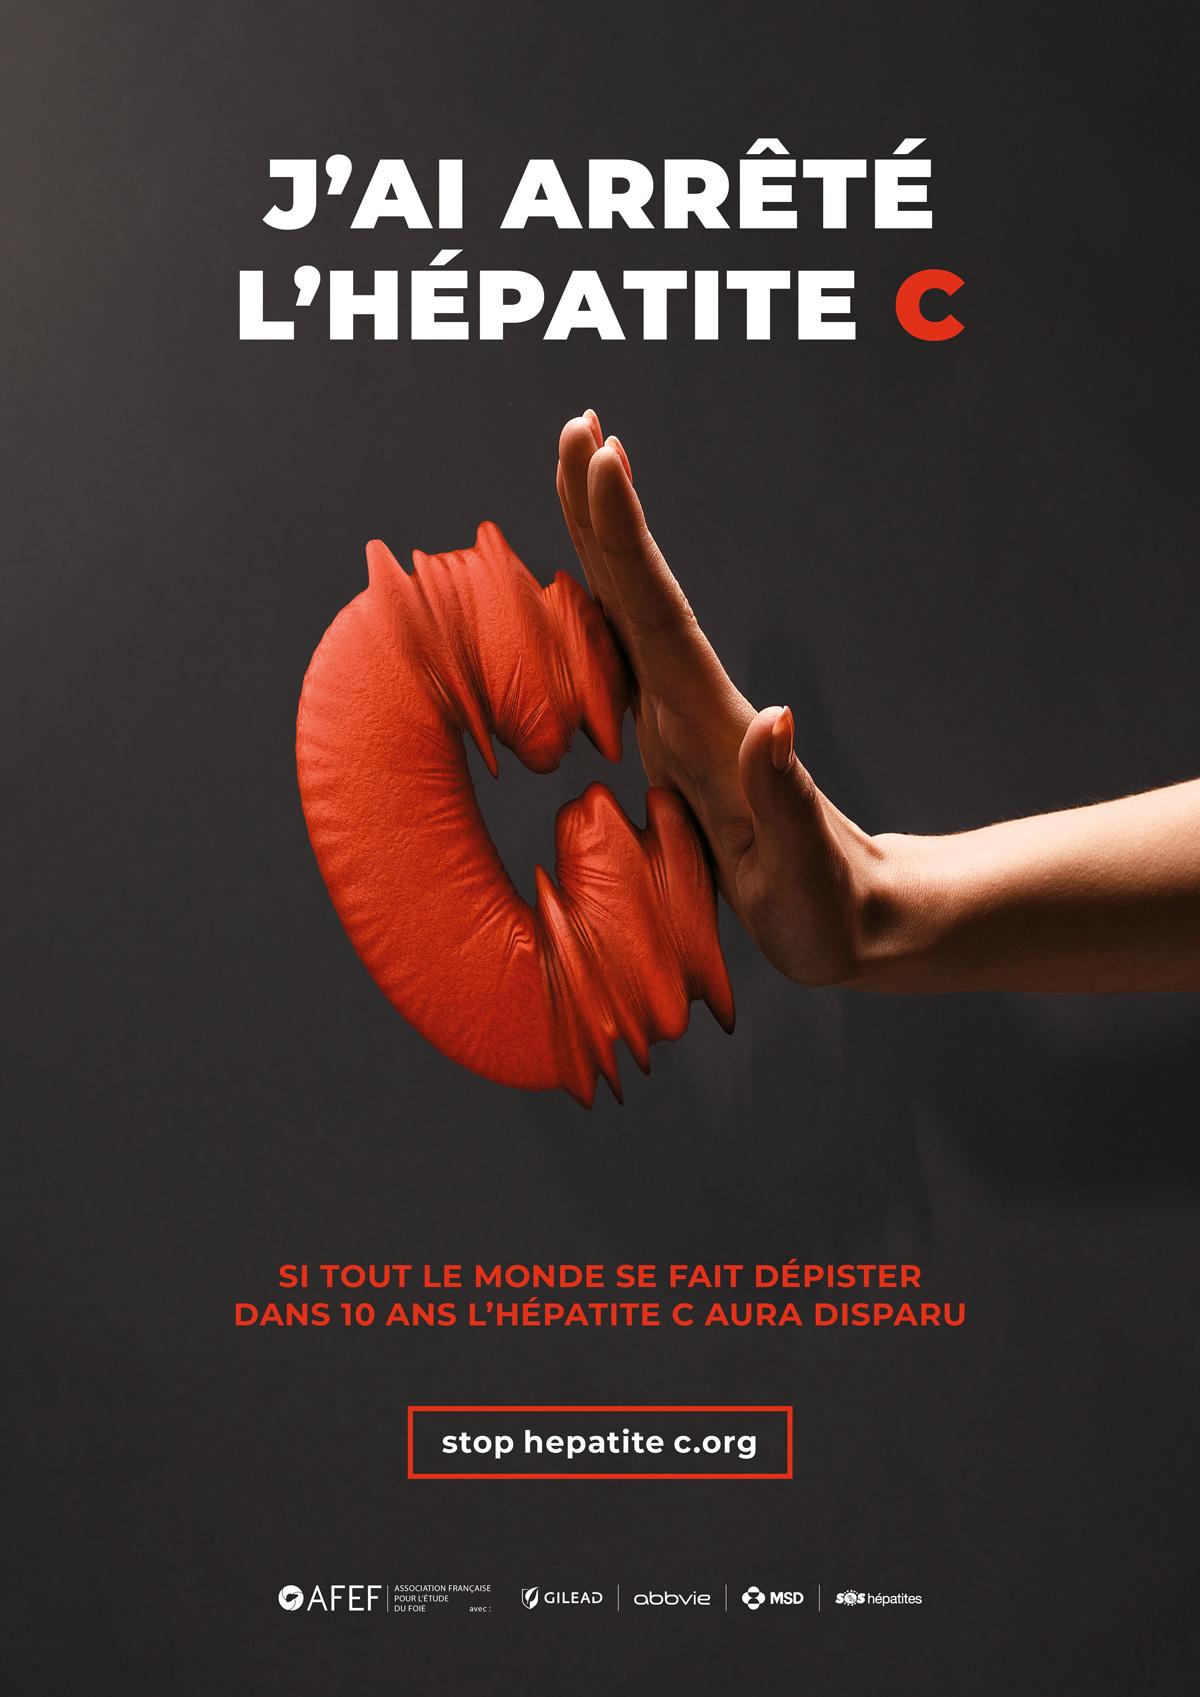 benjamin lecoq - graphiste paris - communication médicale - publicité, site internet, motion - campagne nationale sensibilisation incitation dépistage hépatiteC - association AFEF - affiche